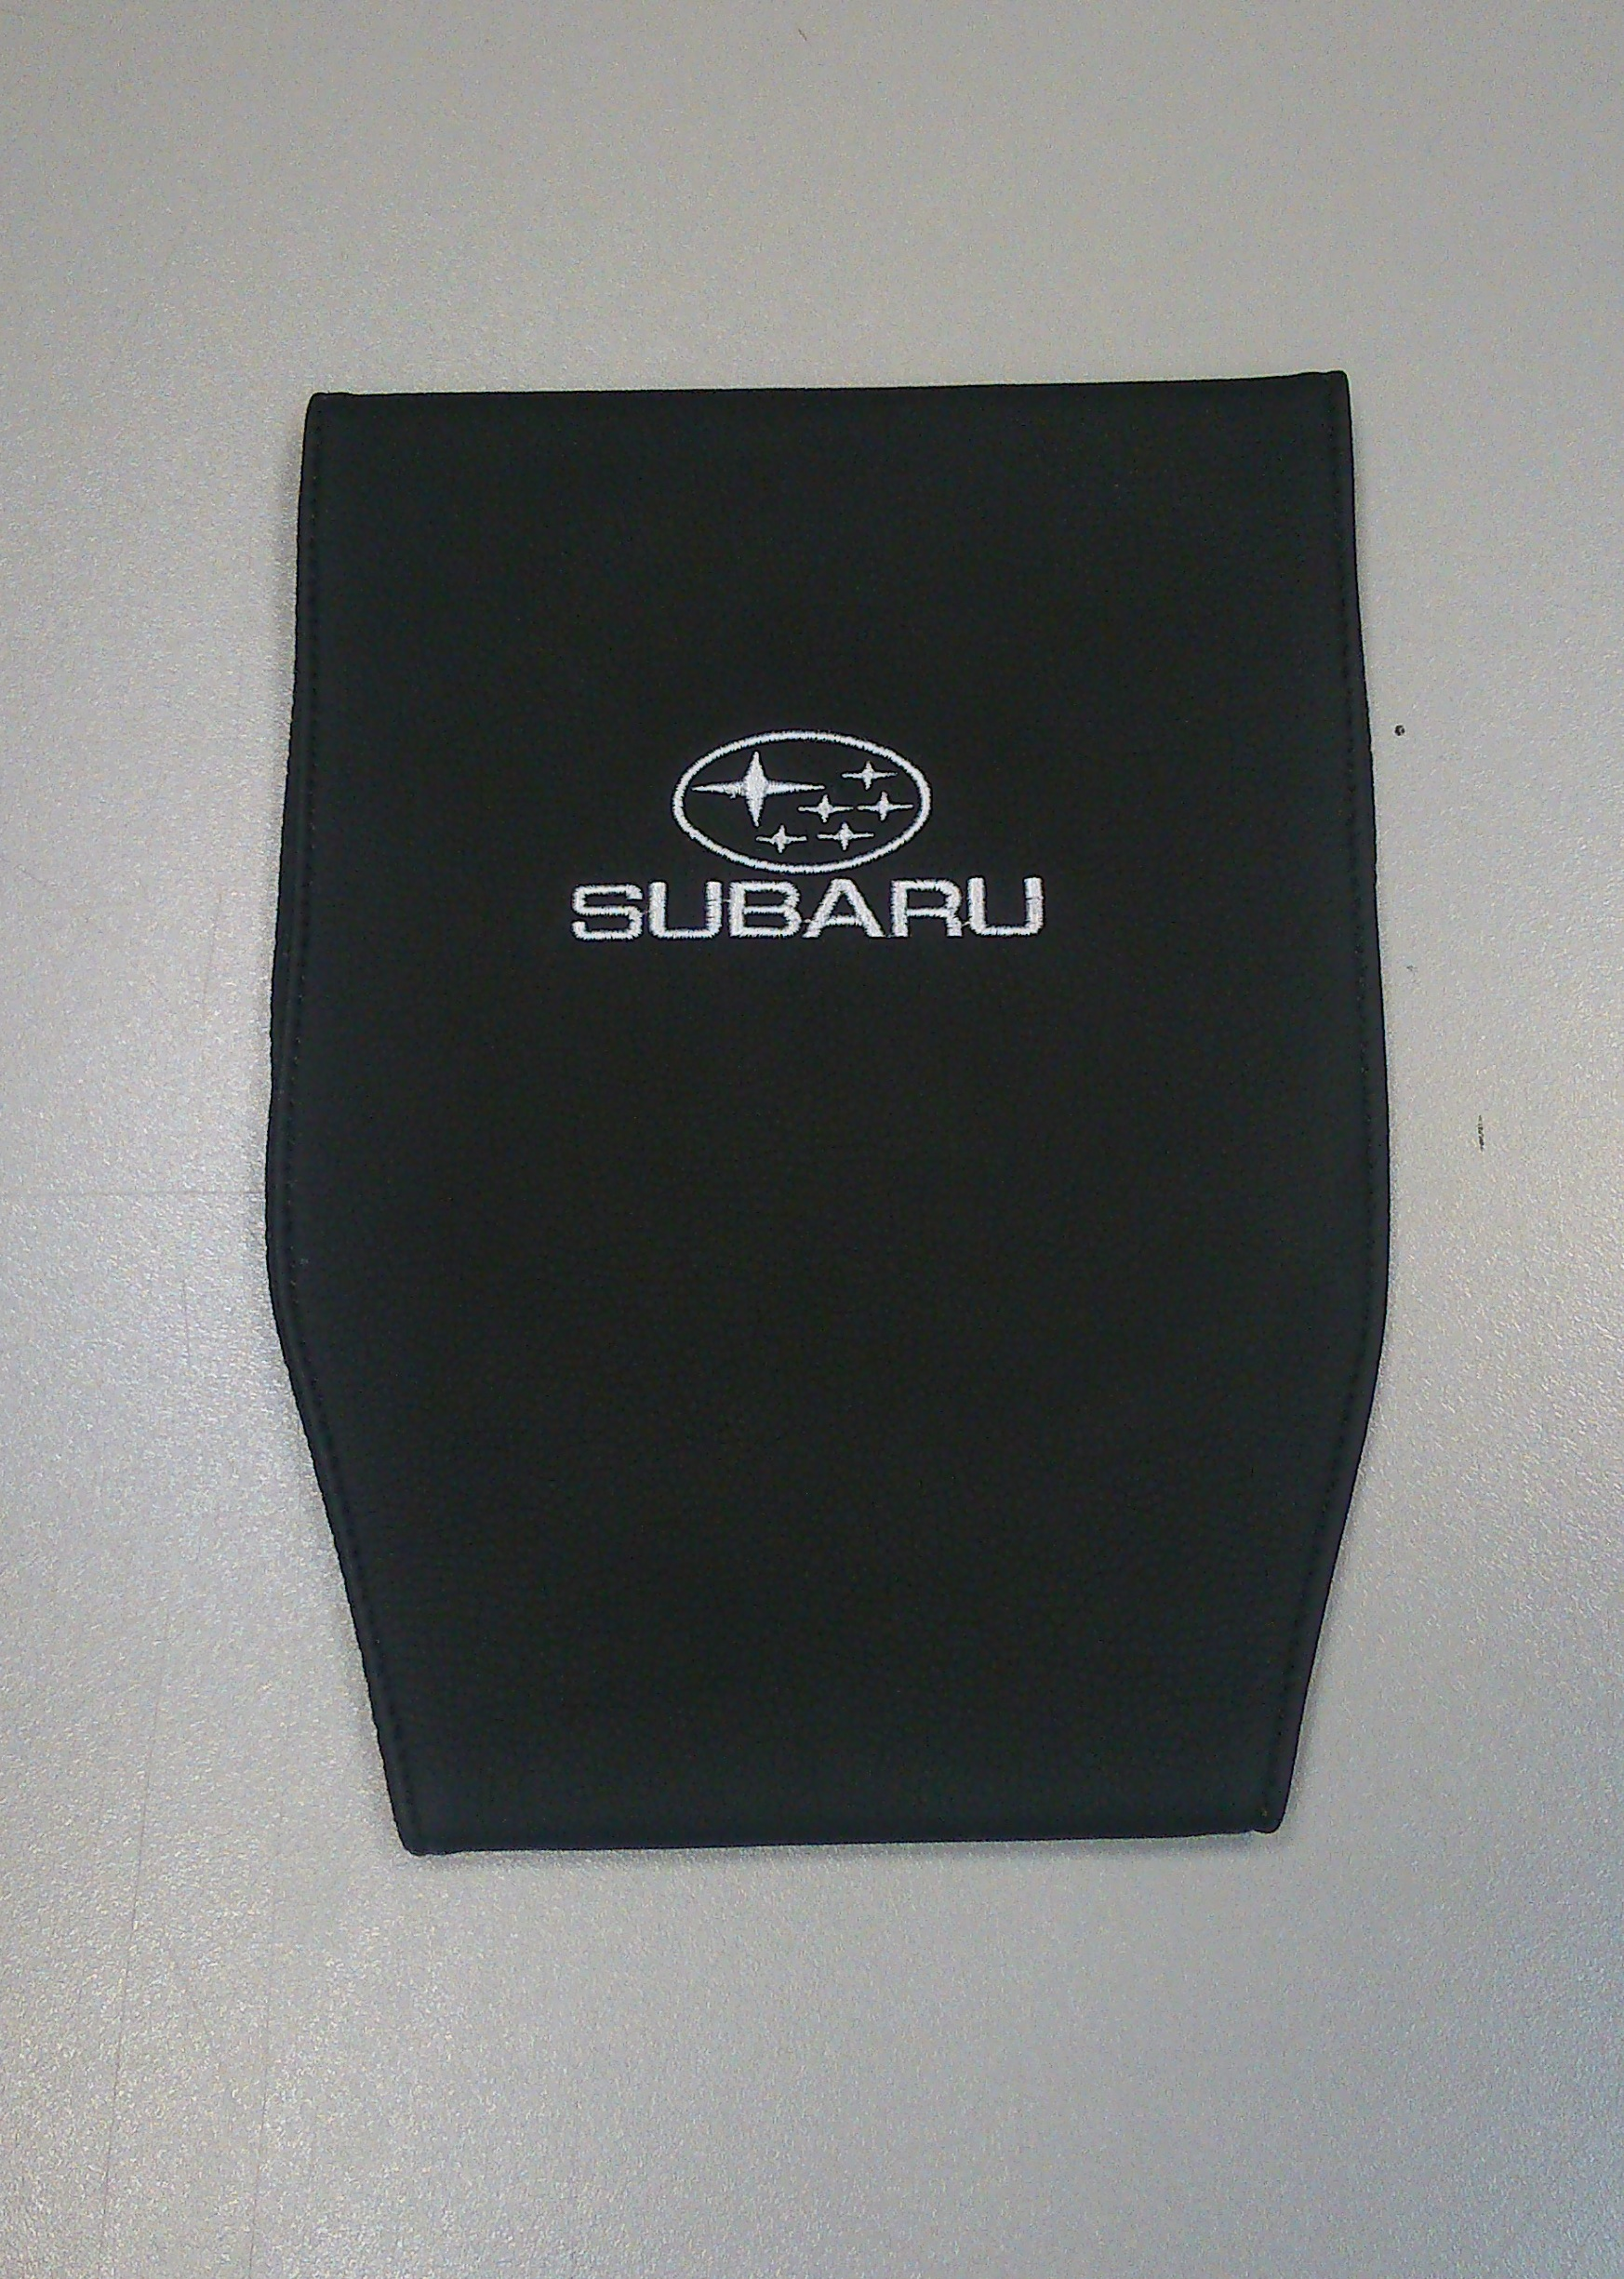 Чехол на подголовник Auto Premium Subaru, 2 штВетерок 2ГФЧехол Auto Premium Subaru - это простая, эффектная и эффективная защита подголовника автомобиля. Накладка легко закрепляется вокруг подголовника и служит надежной защитой от загрязнения. Экокожа это износостойкий и долговечный материал. Такой чехол легко чистится влажной тряпкой.